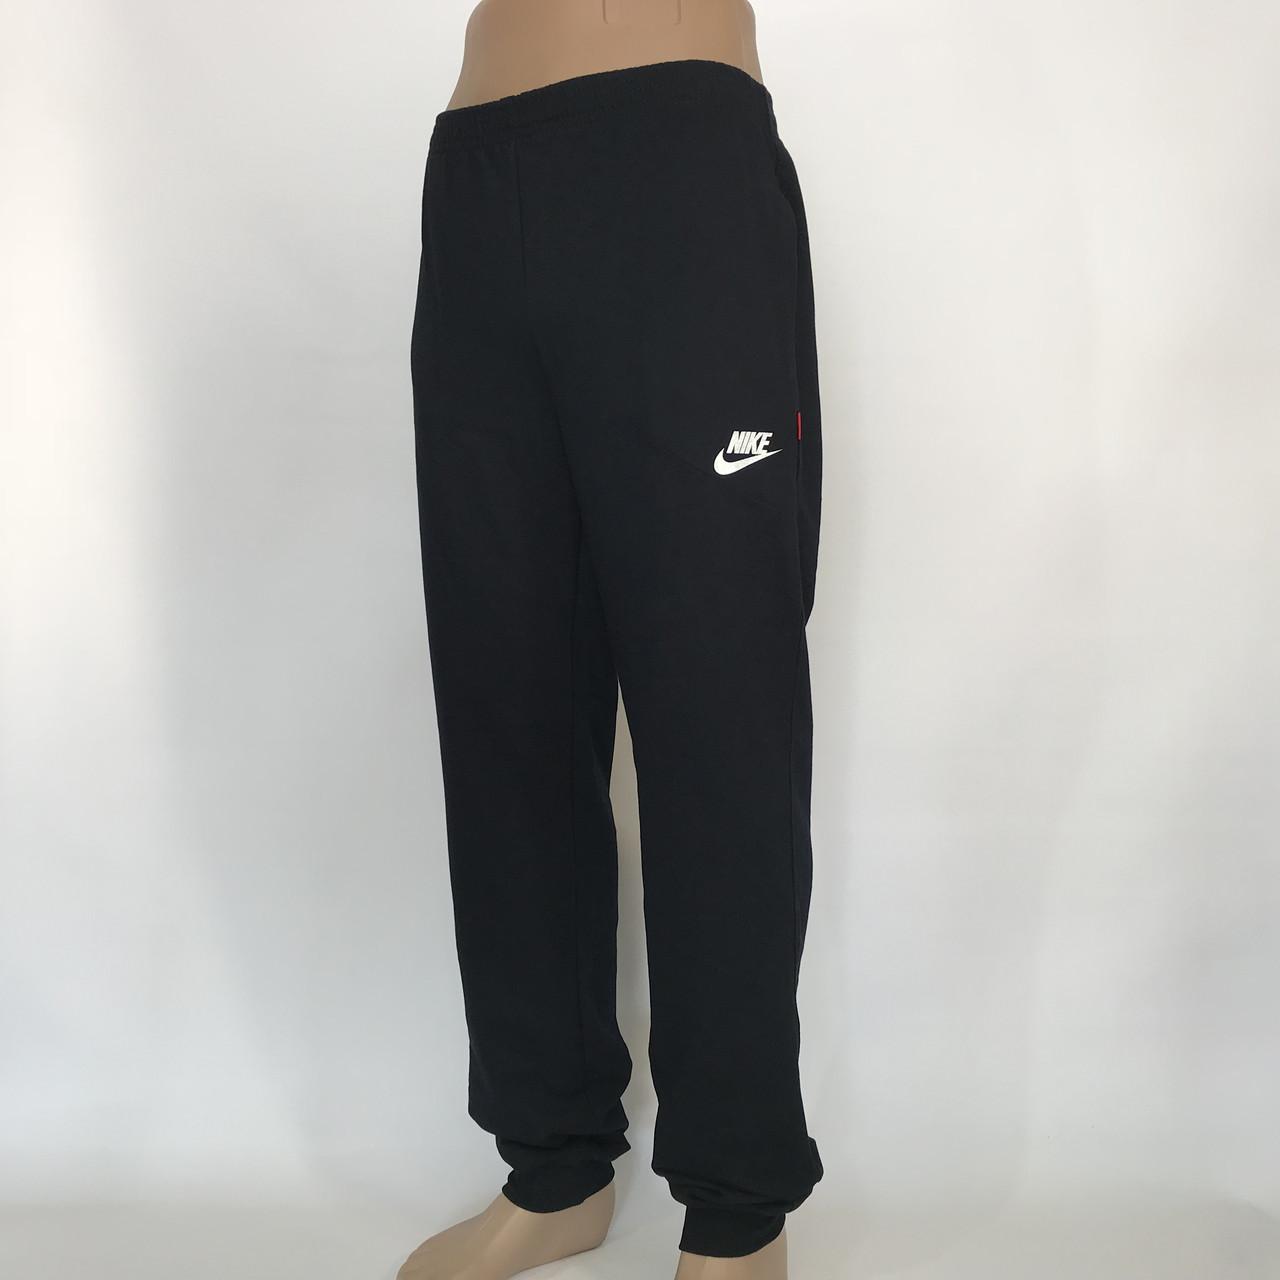 Спортивные штаны (больших размеров) в стиле Nike под манжет трикотажные темно/синие